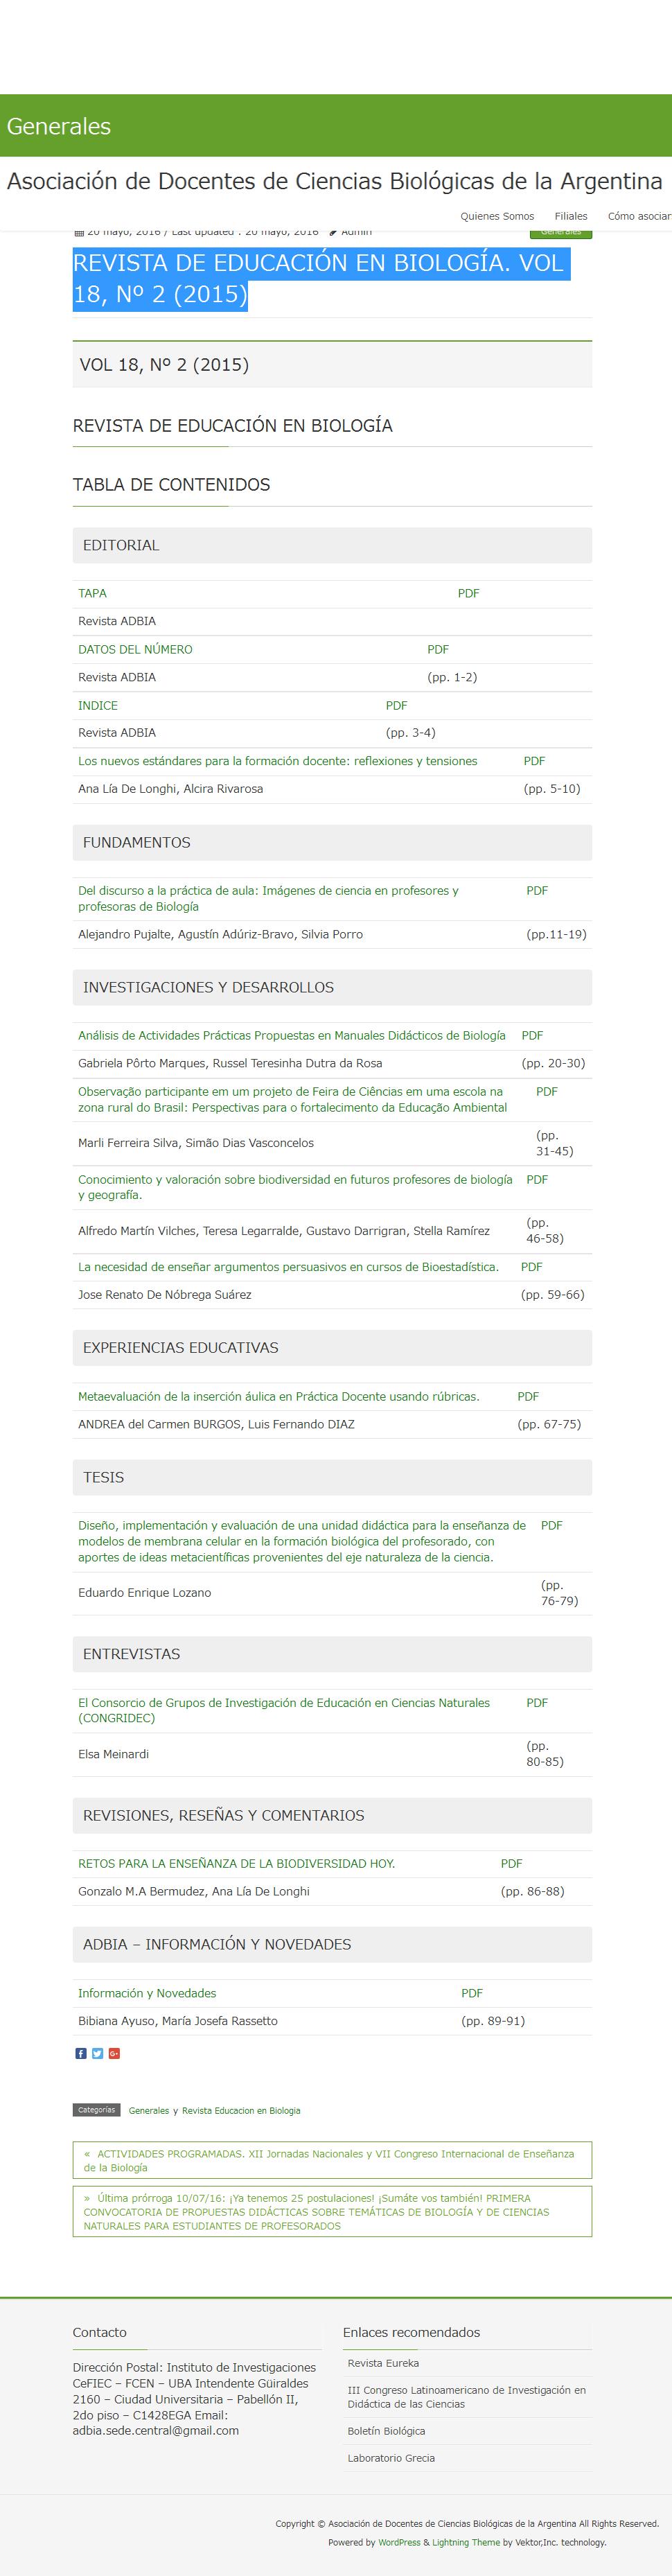 revista-de-educacion-en-biologia-vol-18-no-2-2015-asociacion-de-docentes-de-ciencias-biologicas-de-la-argentina-1-2-2017-19-51-56